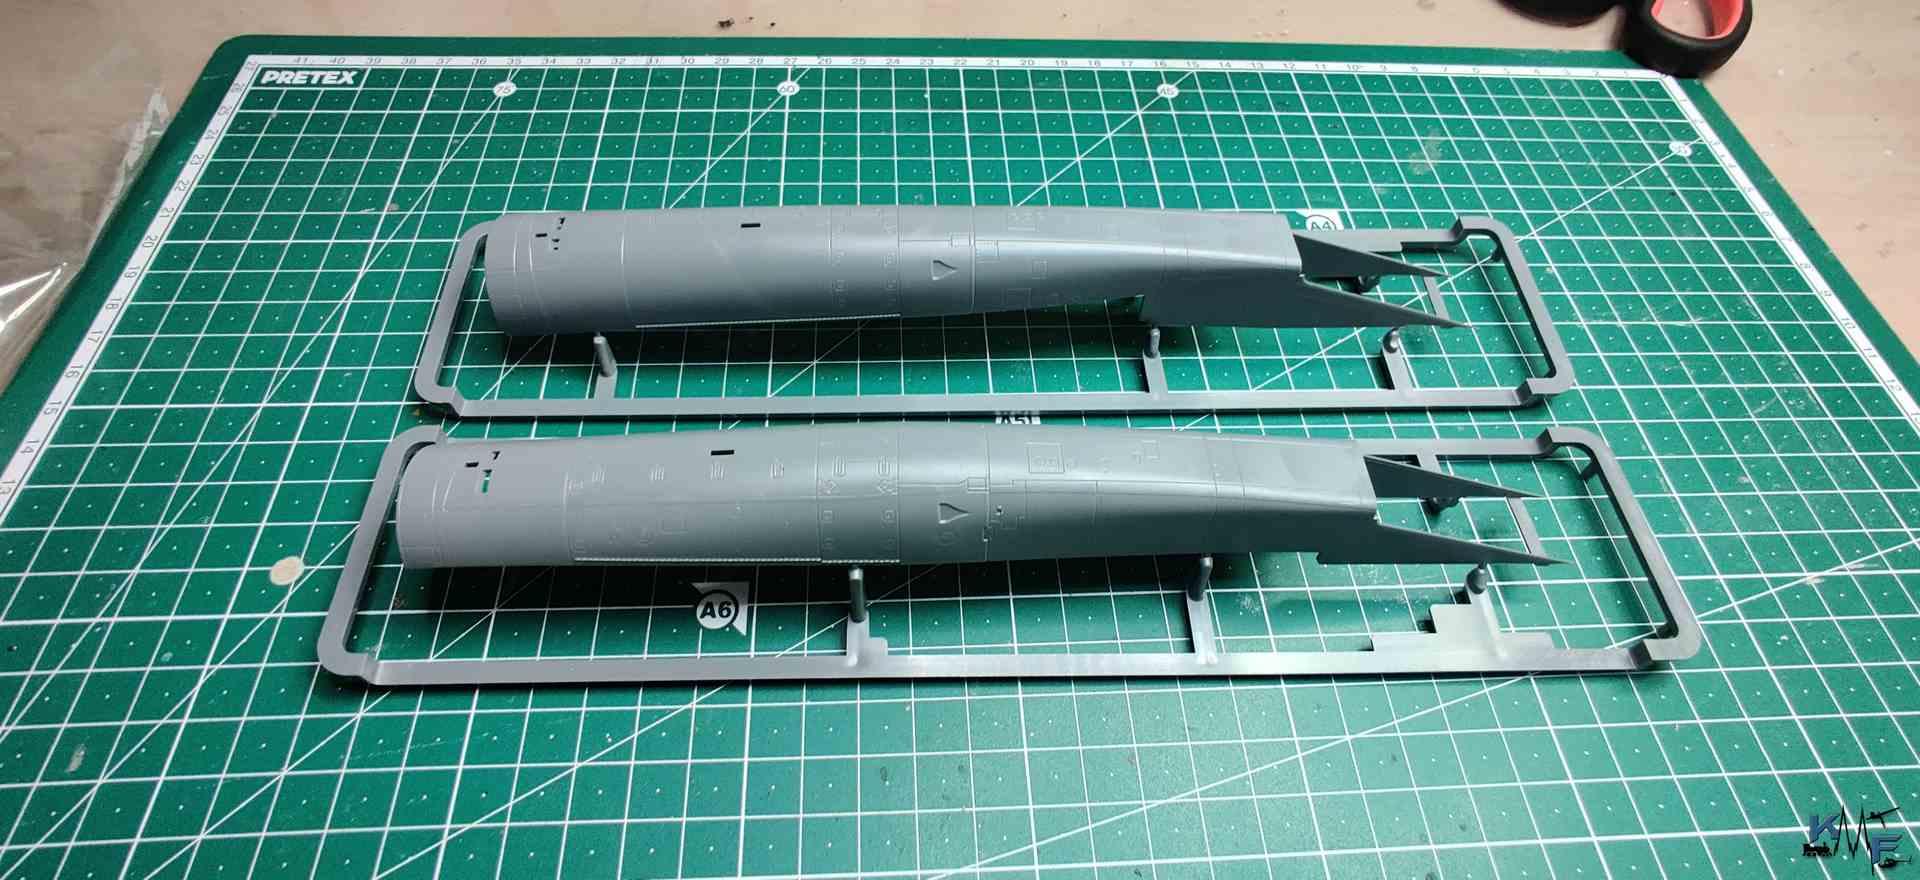 BV-AMK-F-14D_084.jpg